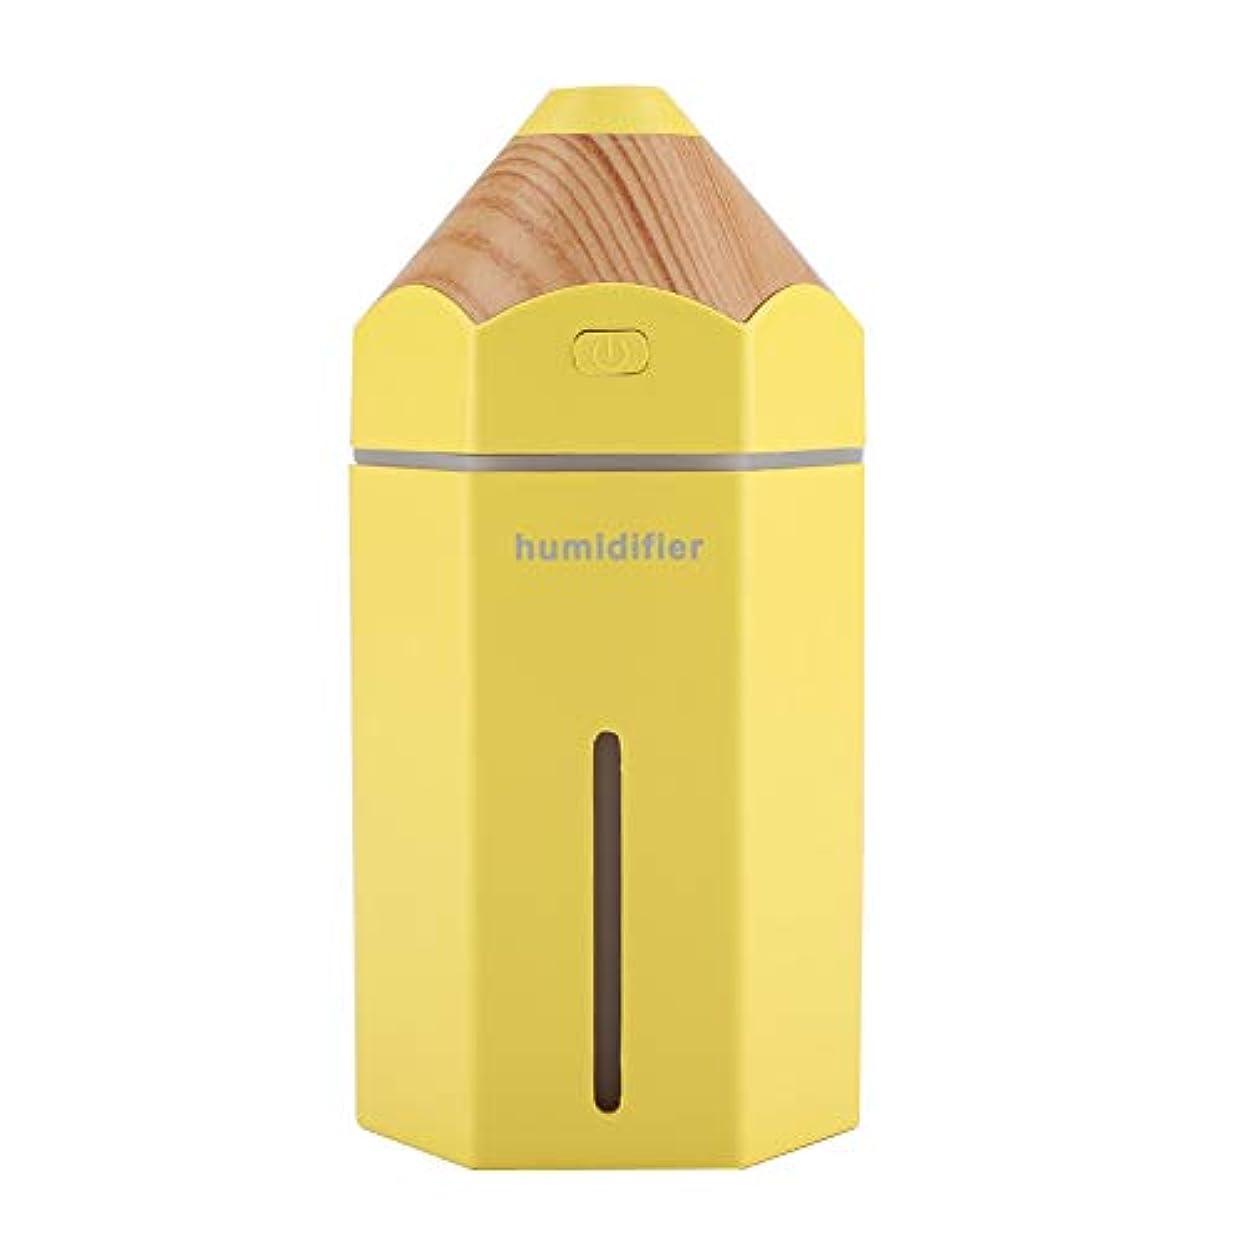 留め金小屋三番USBの拡散器、再充電可能な携帯用車のオフィスの超音波加湿器7色LEDライト拡散器(黄)